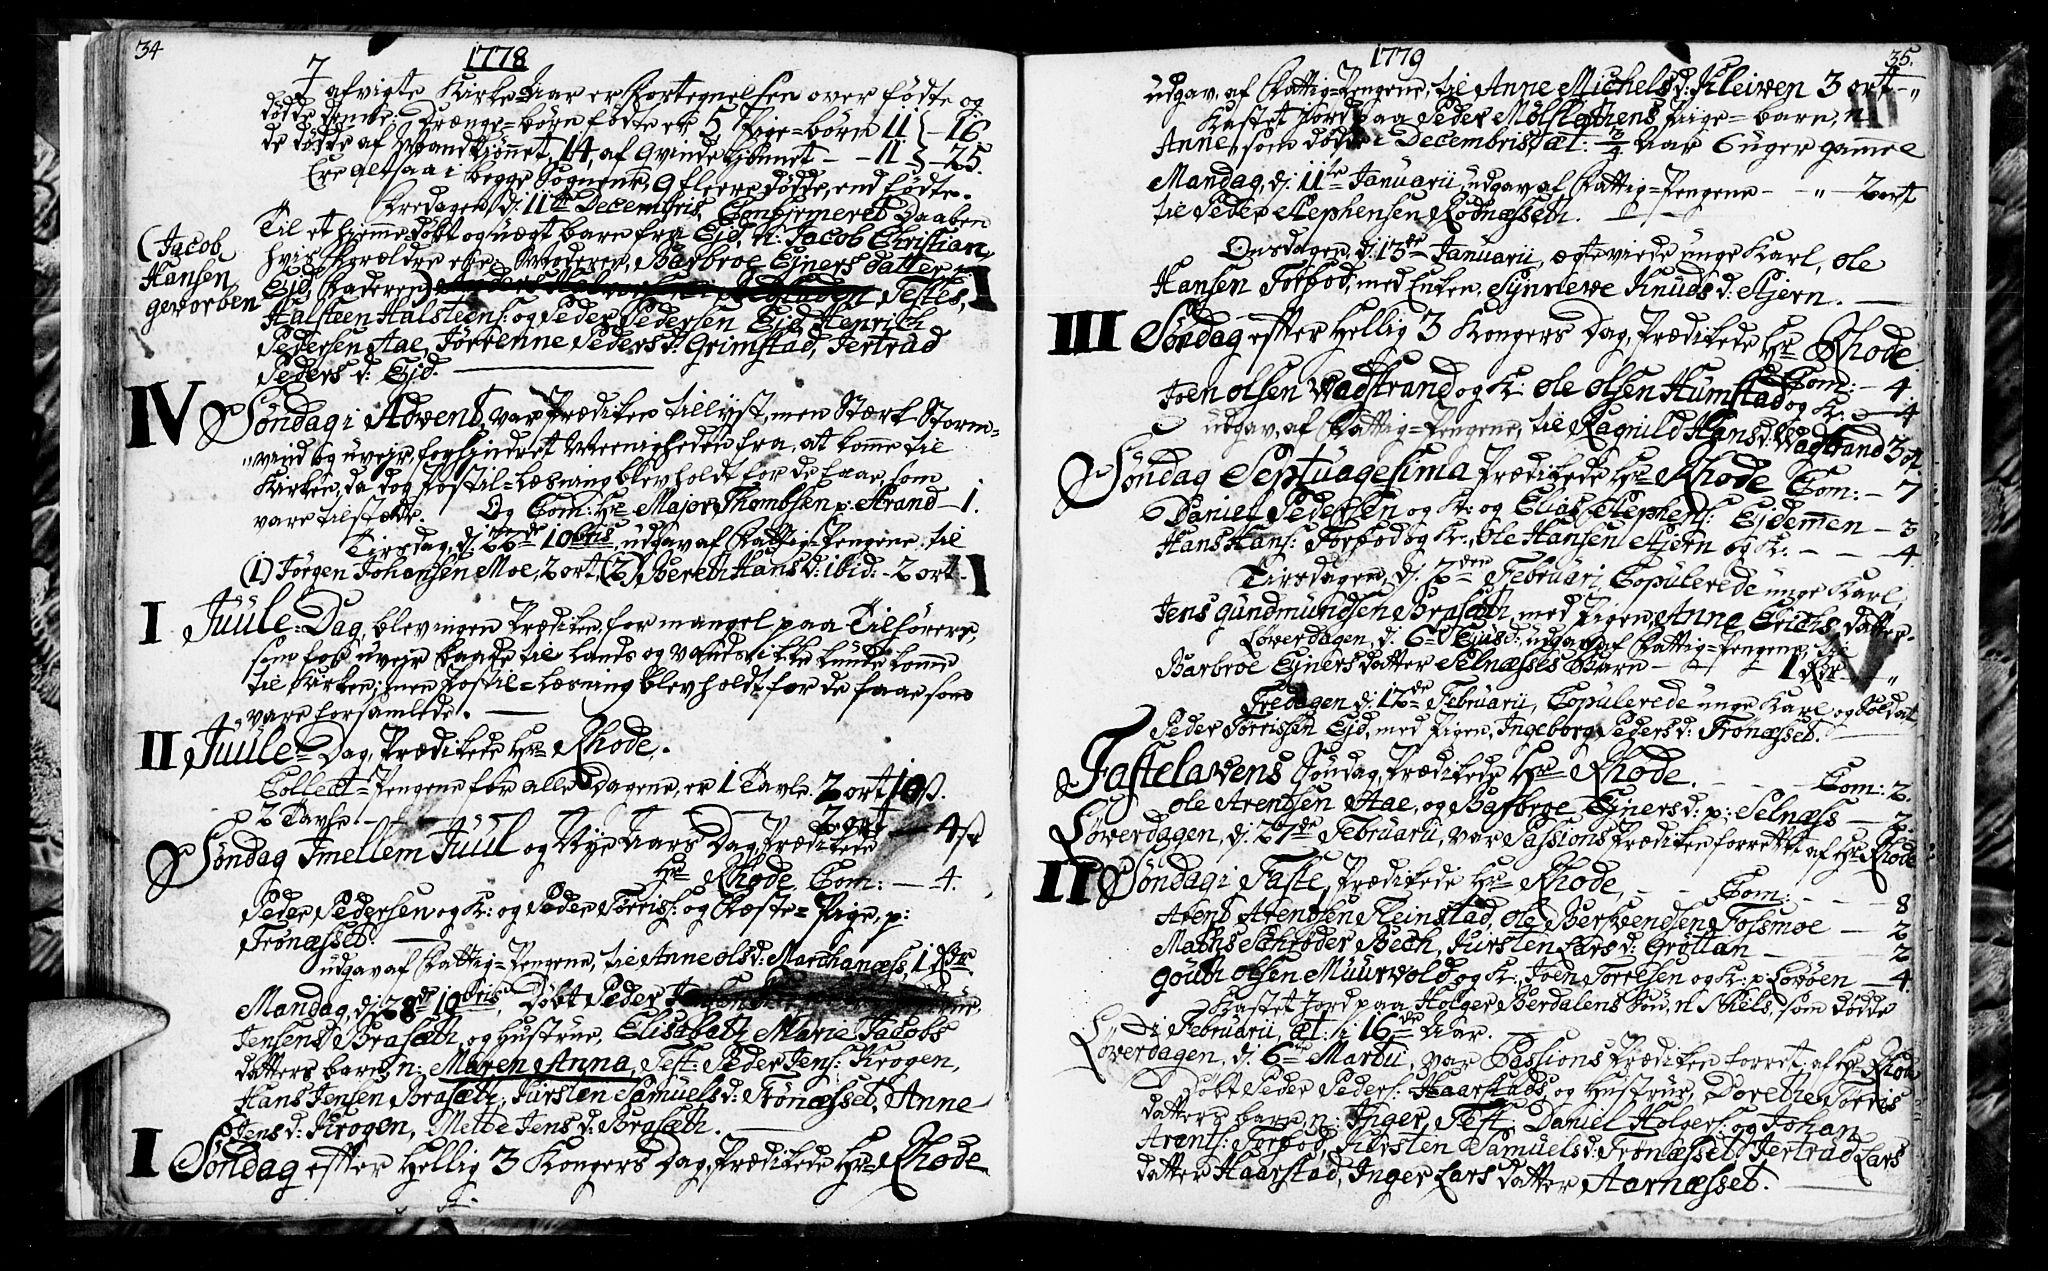 SAT, Ministerialprotokoller, klokkerbøker og fødselsregistre - Sør-Trøndelag, 655/L0685: Klokkerbok nr. 655C01, 1777-1788, s. 34-35